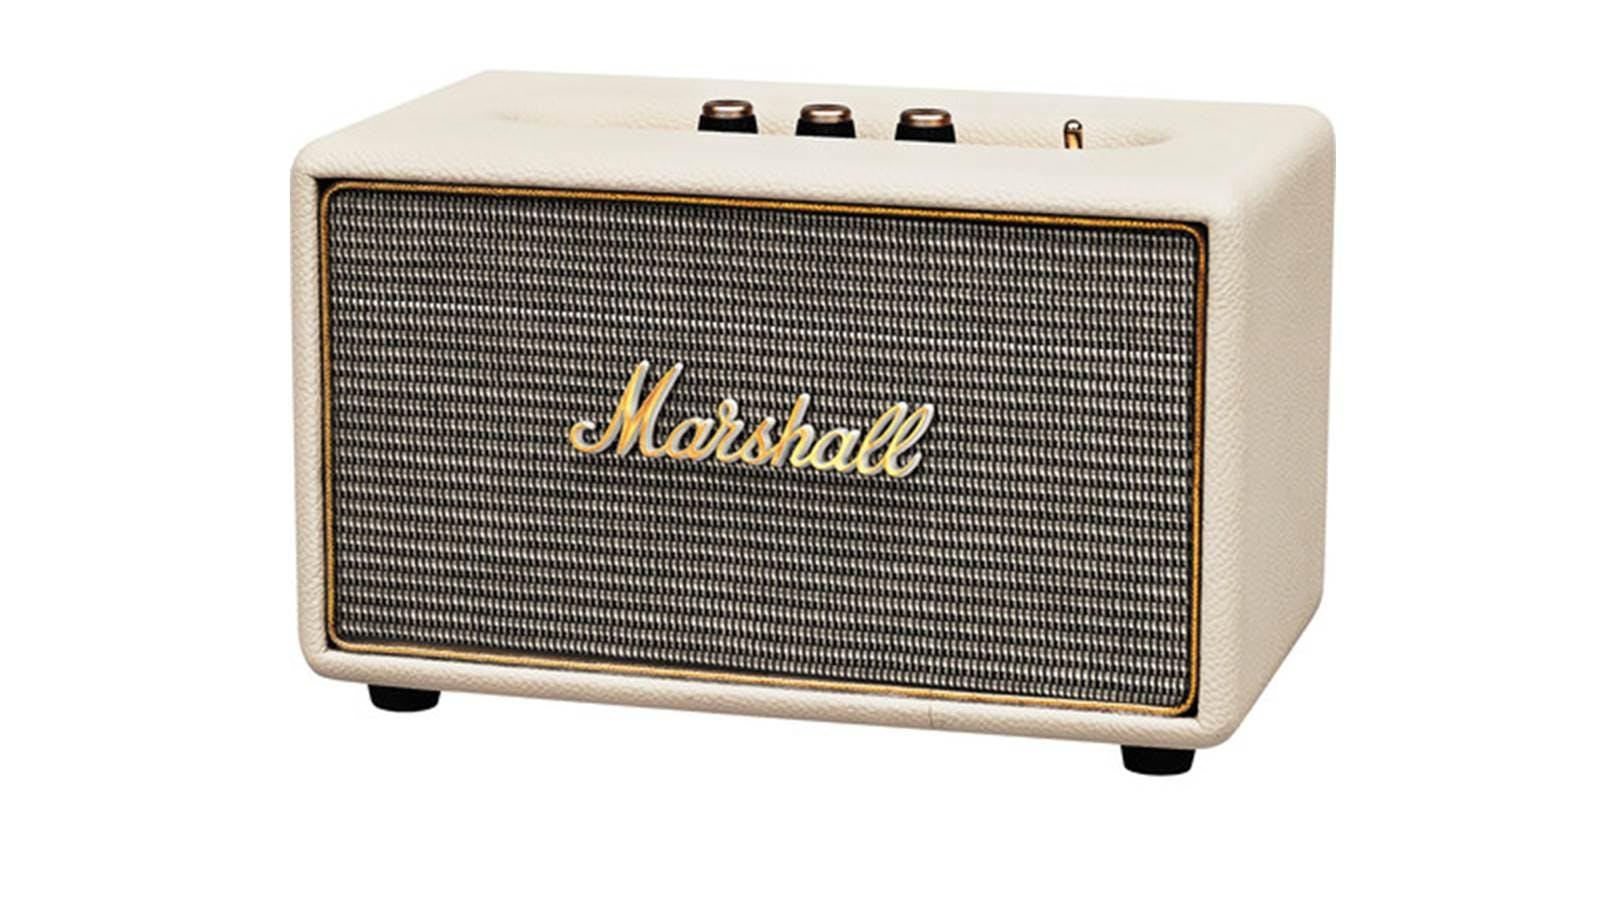 Marshall Headphone | Harvey Norman Malaysia